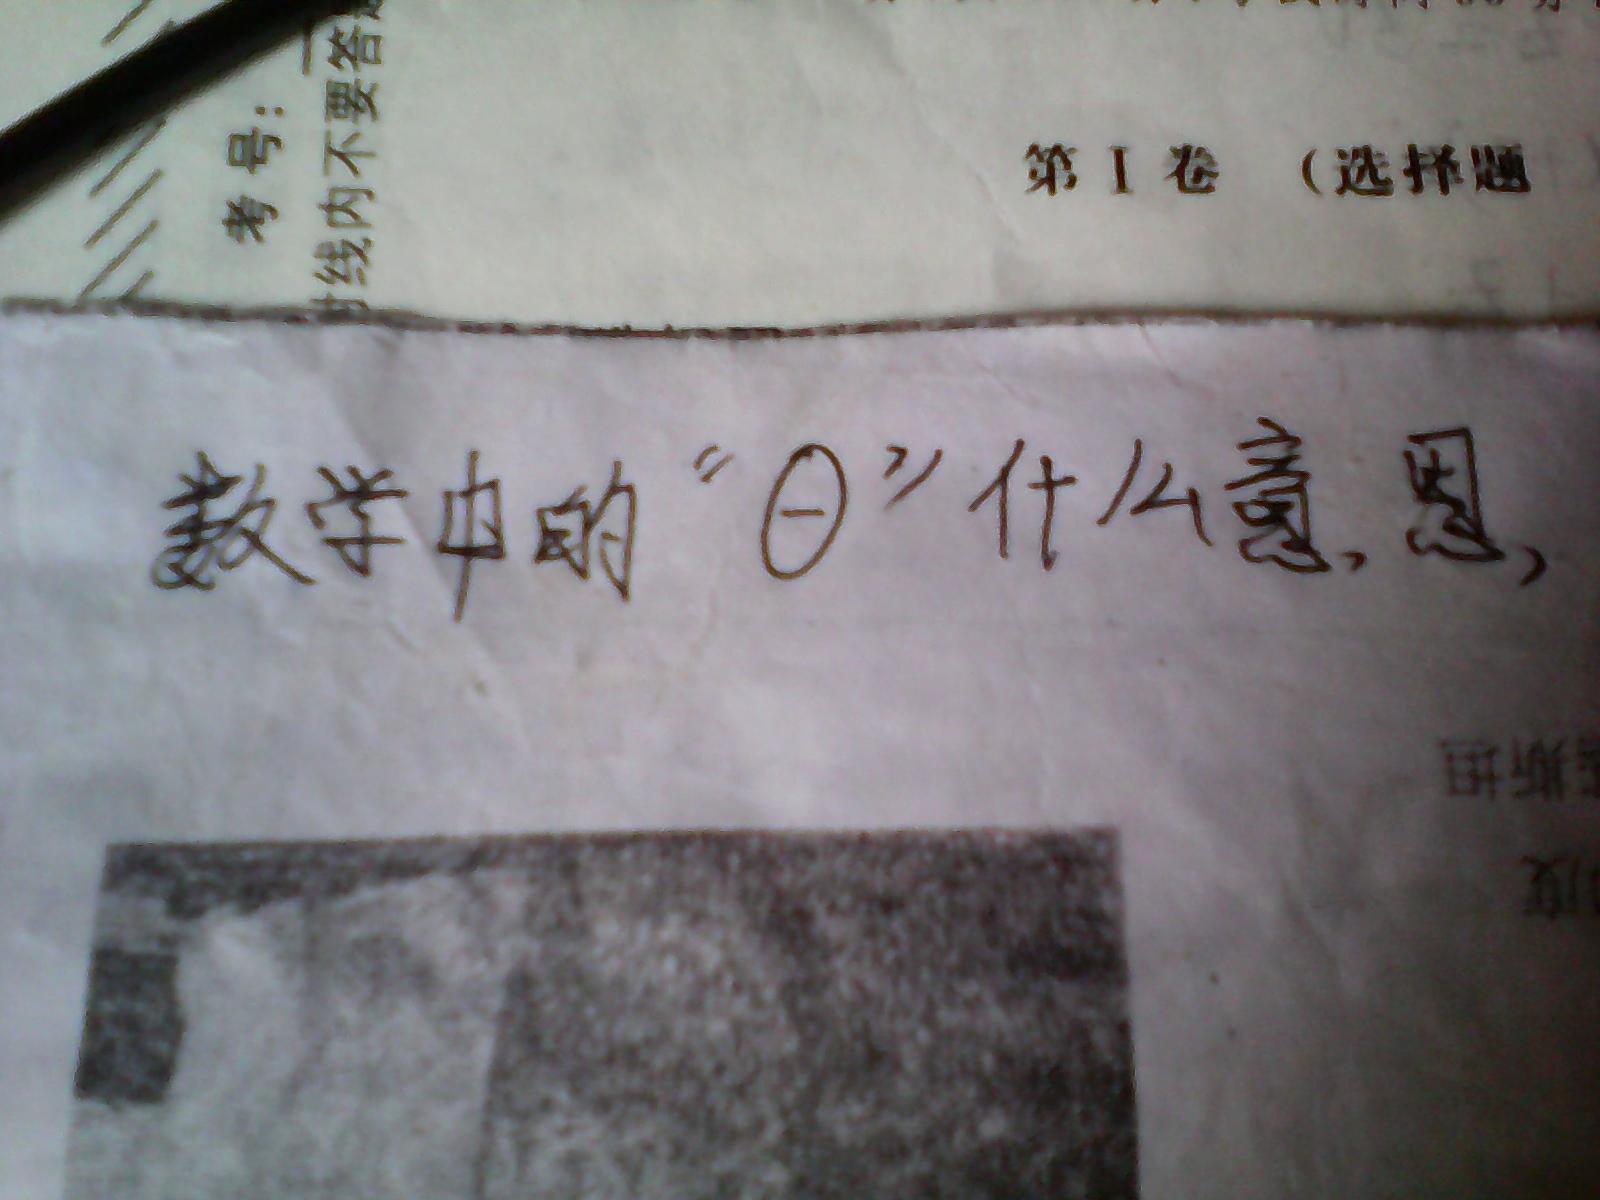 数学符����9�$9�9f�j_6 2013-12-07 因为和所以的数学符号 4 2013-12-15 这是啥数学符号?